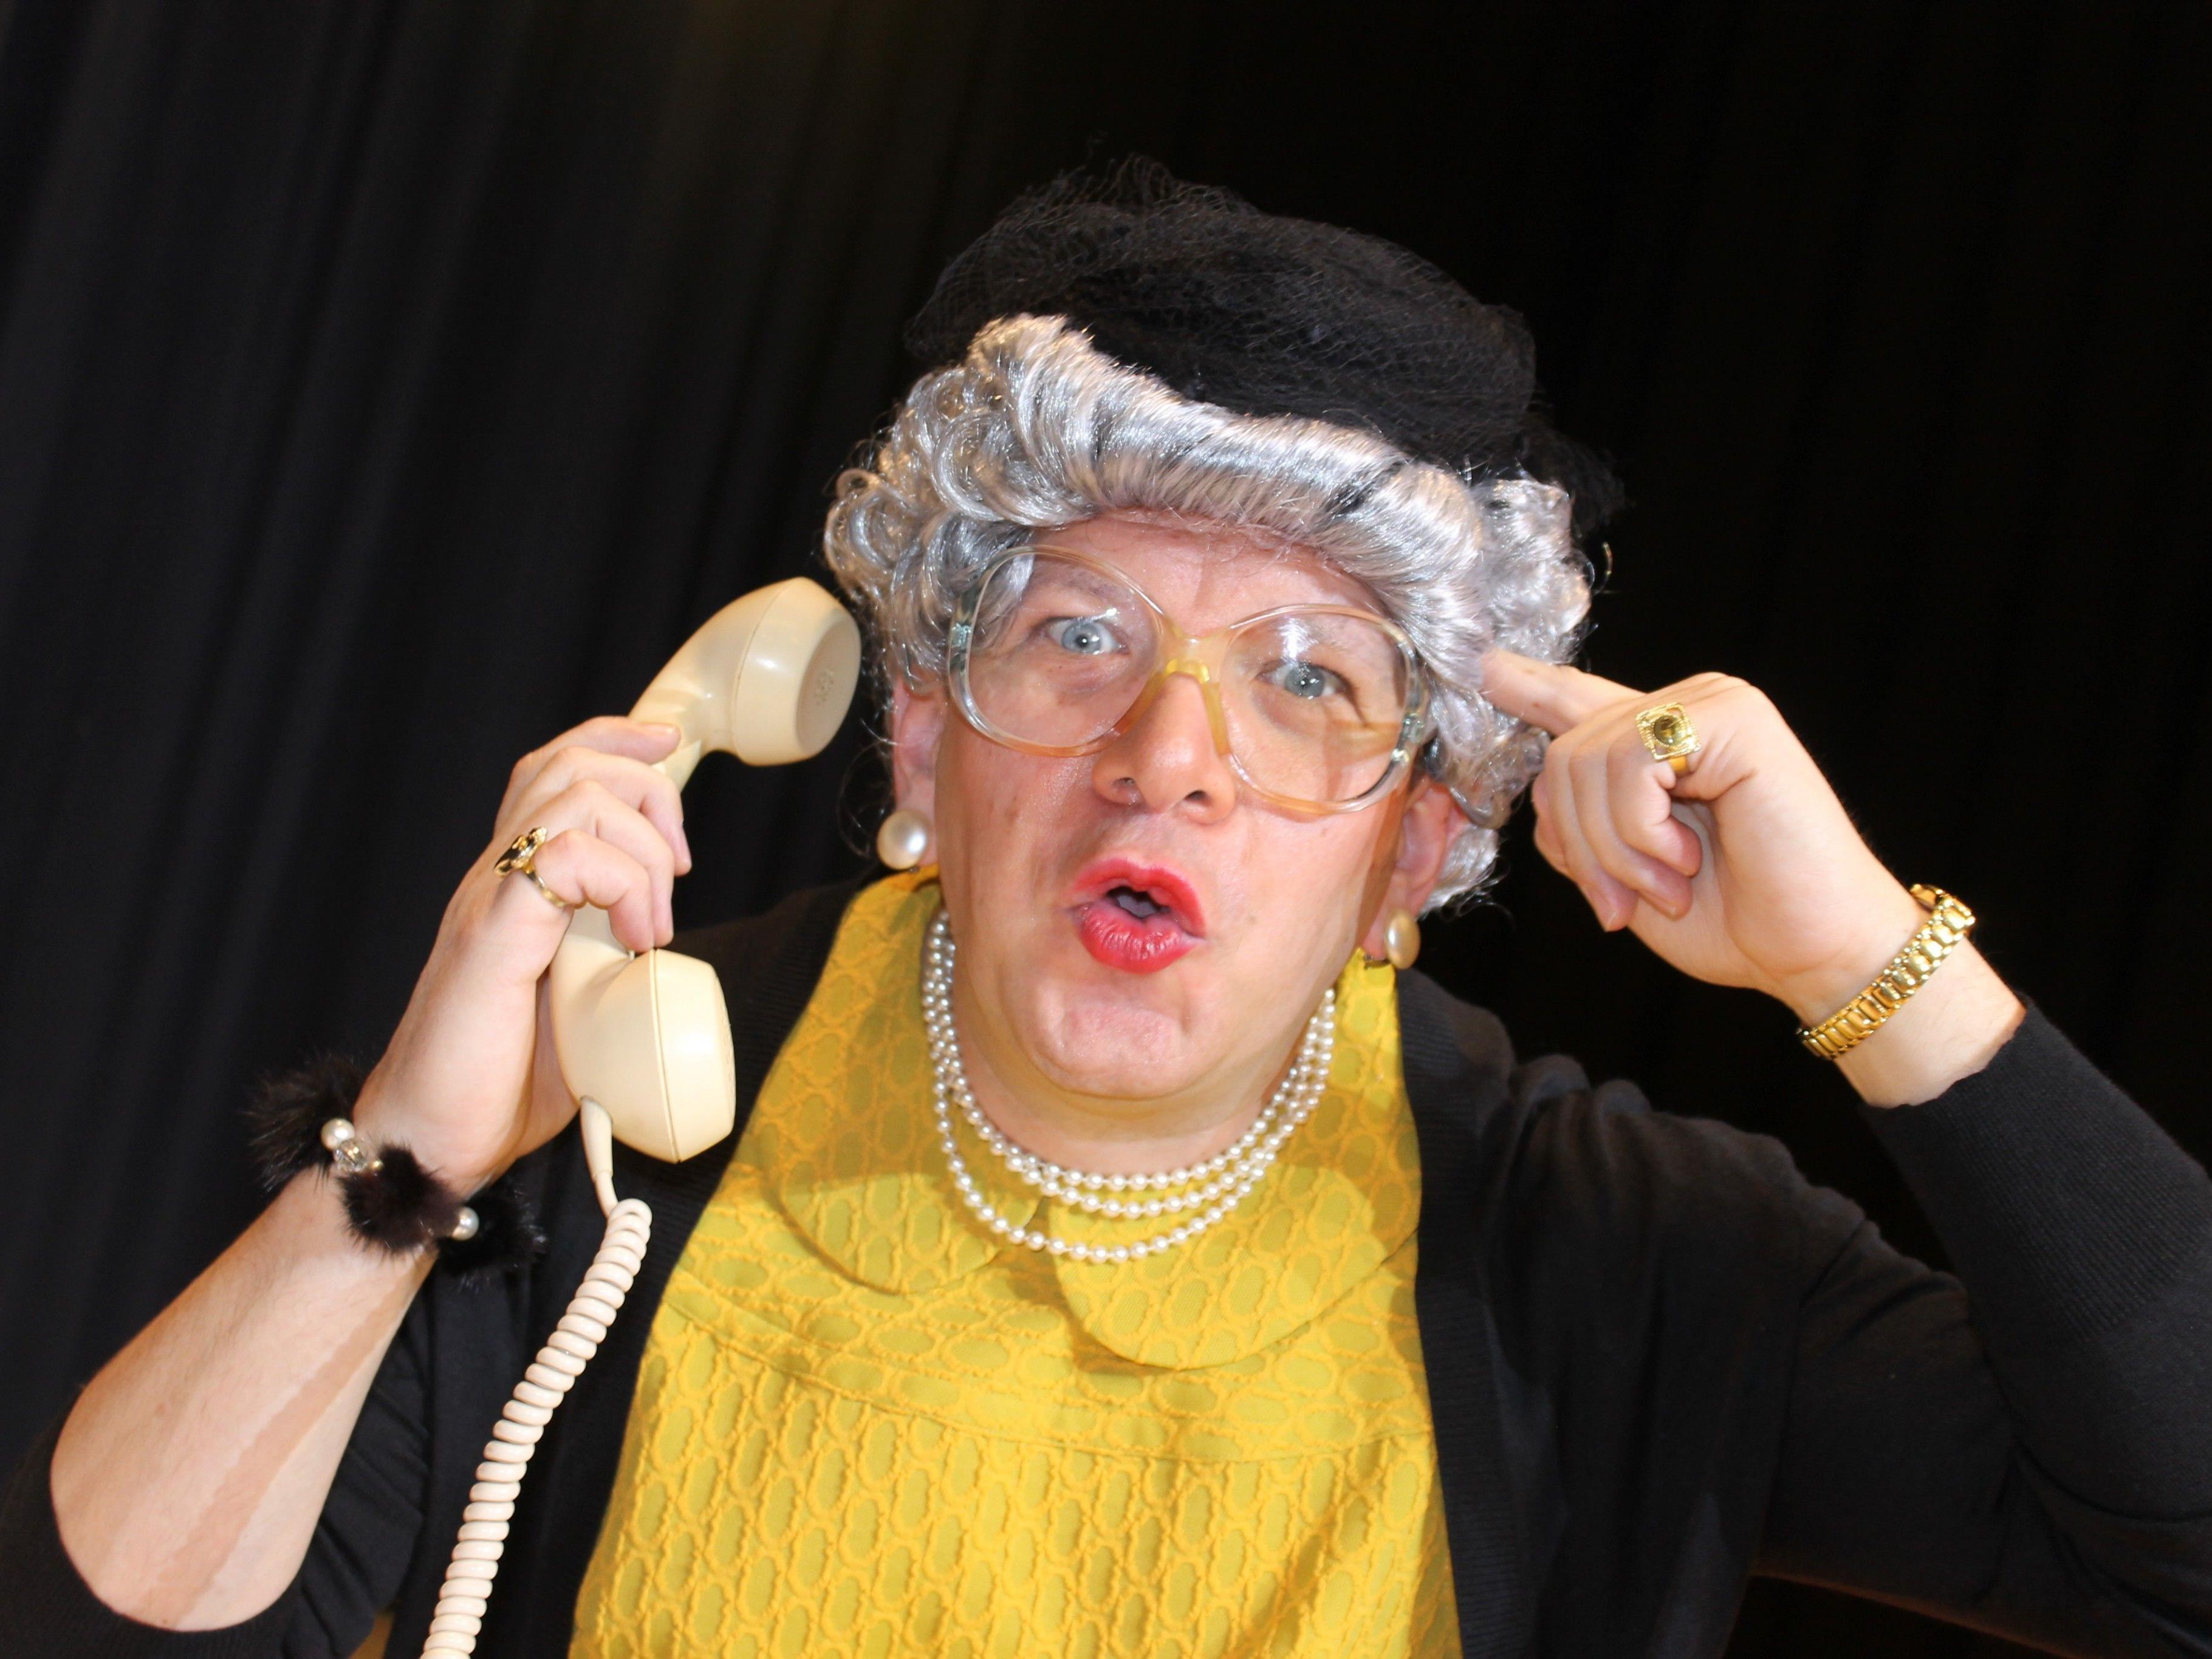 Oma Lilli startet am 3. März in Hörbranz ihre Verlängerungstournee durch Vorarlberg mit ihrem humorvollen Kabarett